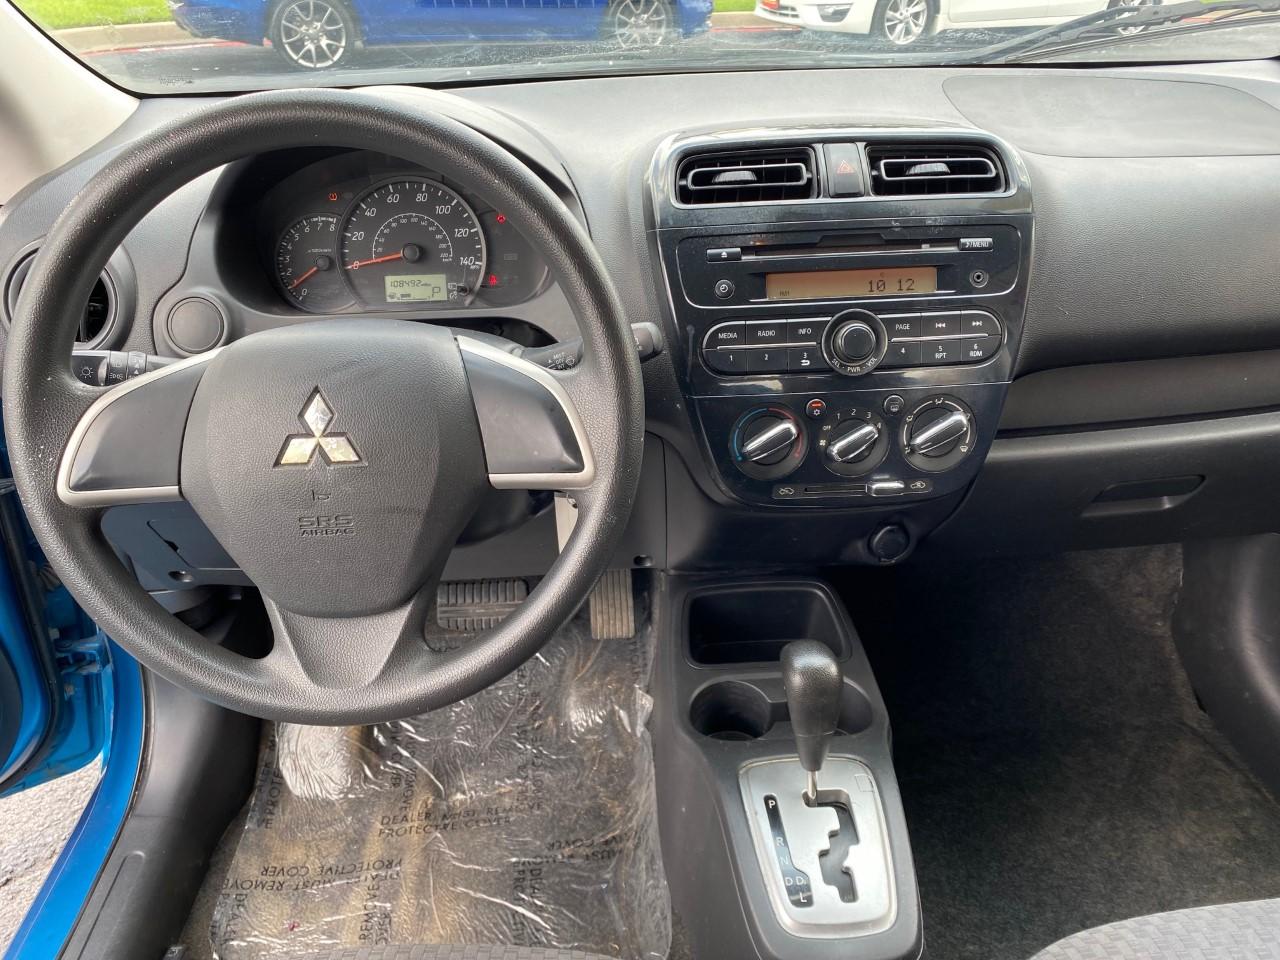 used vehicle - Sedan MITSUBISHI MIRAGE 2017